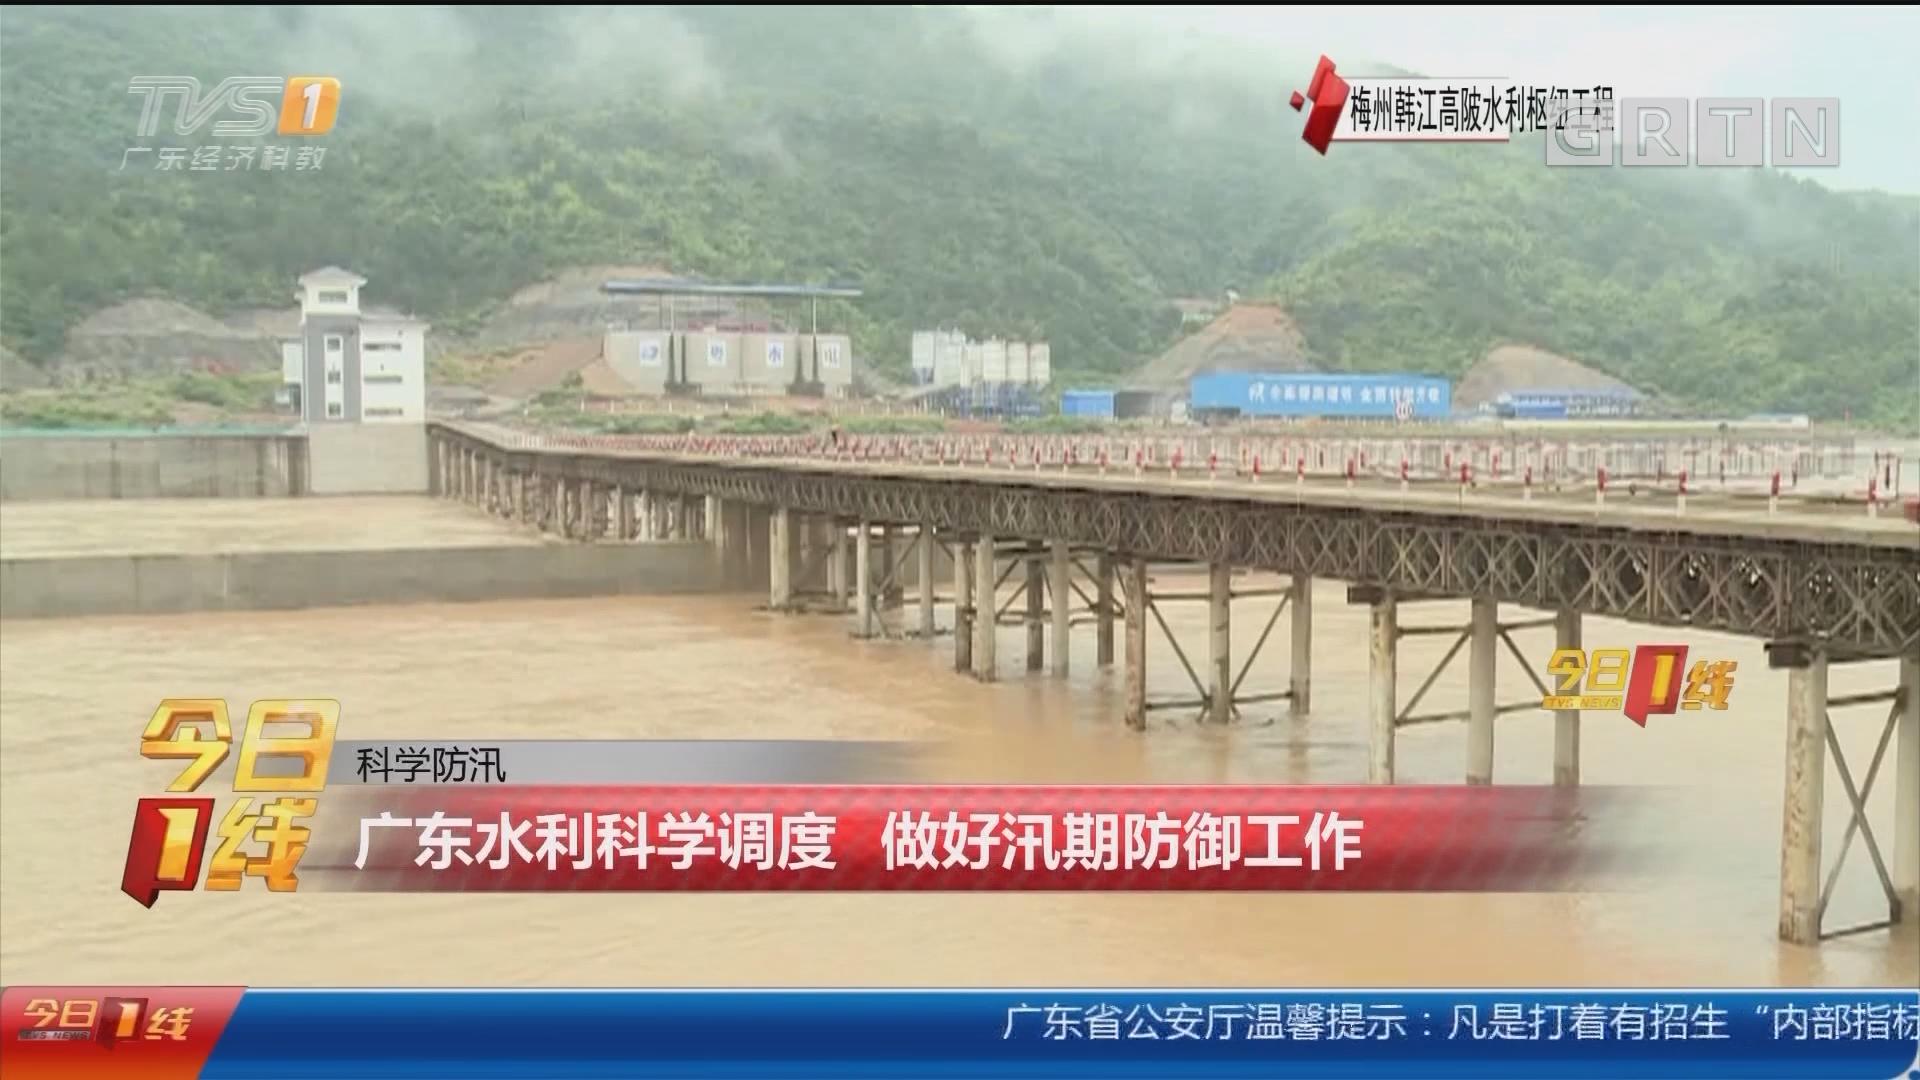 科学防汛:广东水利科学调度 做好汛期防御工作